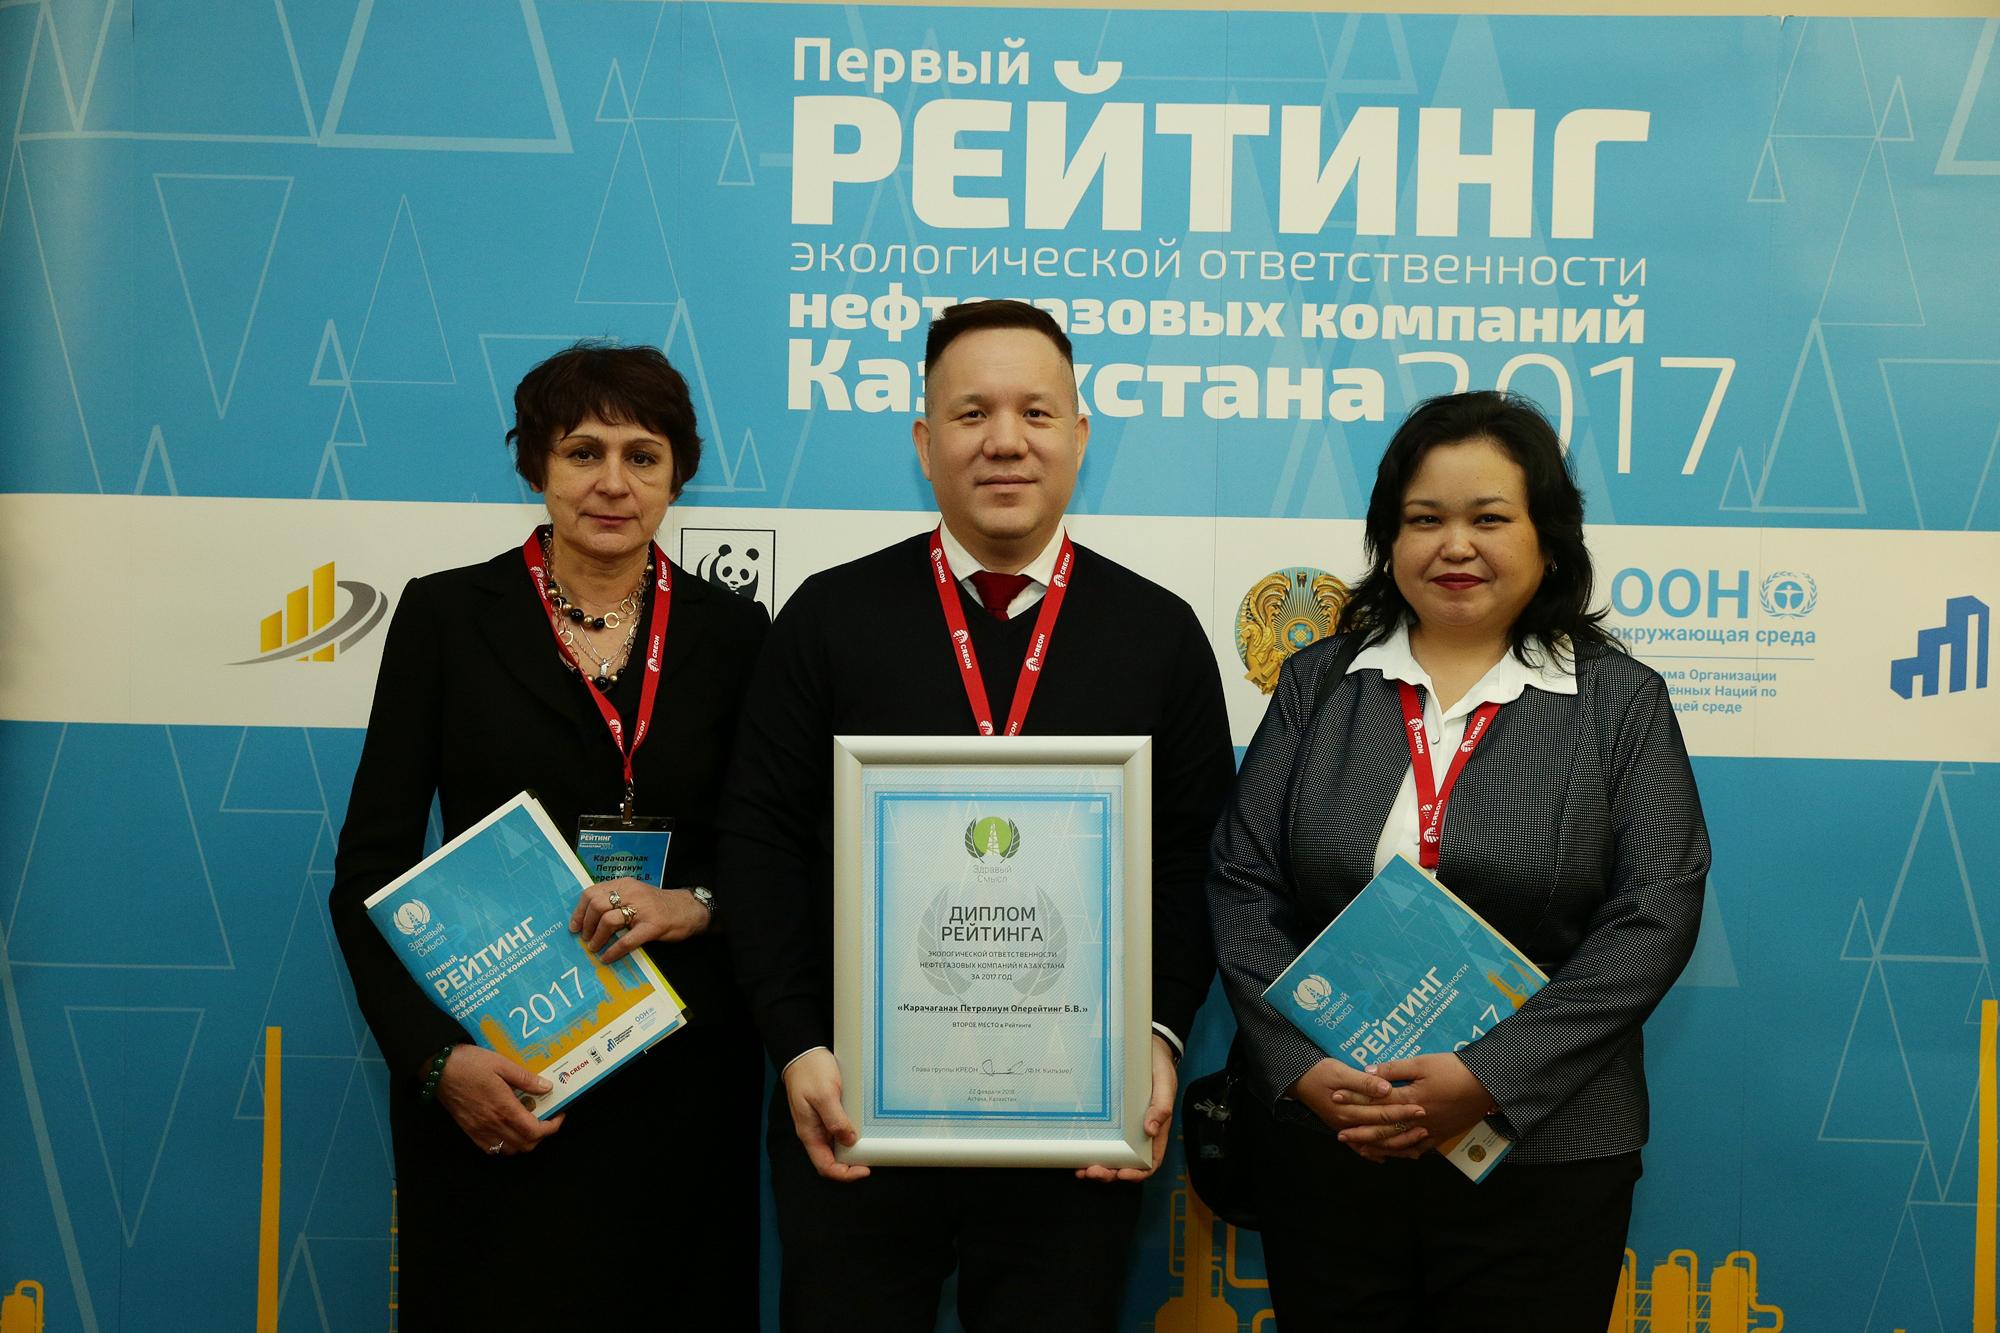 В феврале состоится презентация итогов первого рейтинга экологической ответственности НГК Казахстана